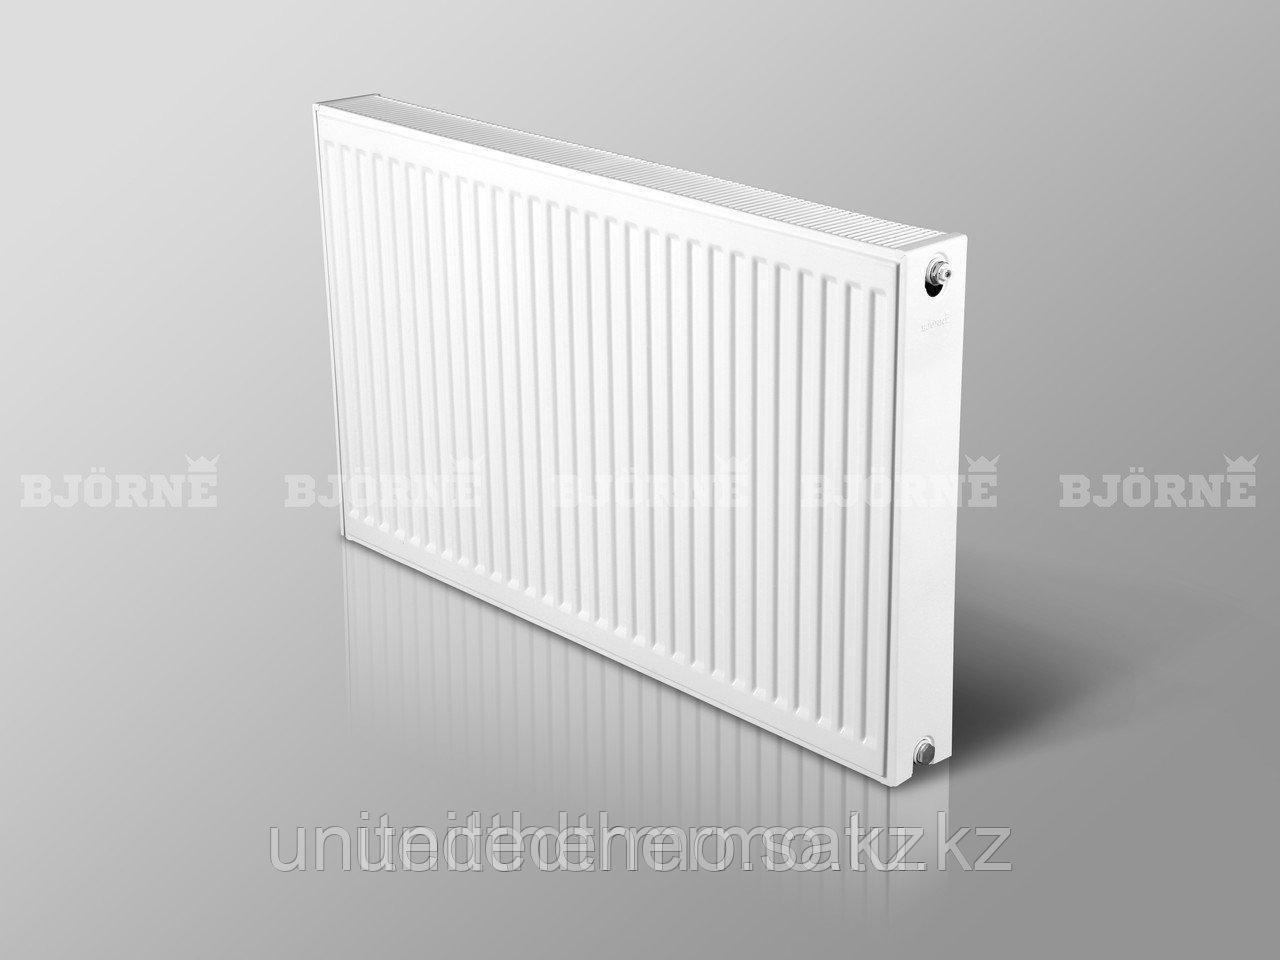 Стальной панельный радиатор Bjorne тип 22K H500мм*L1500мм боковое подключение